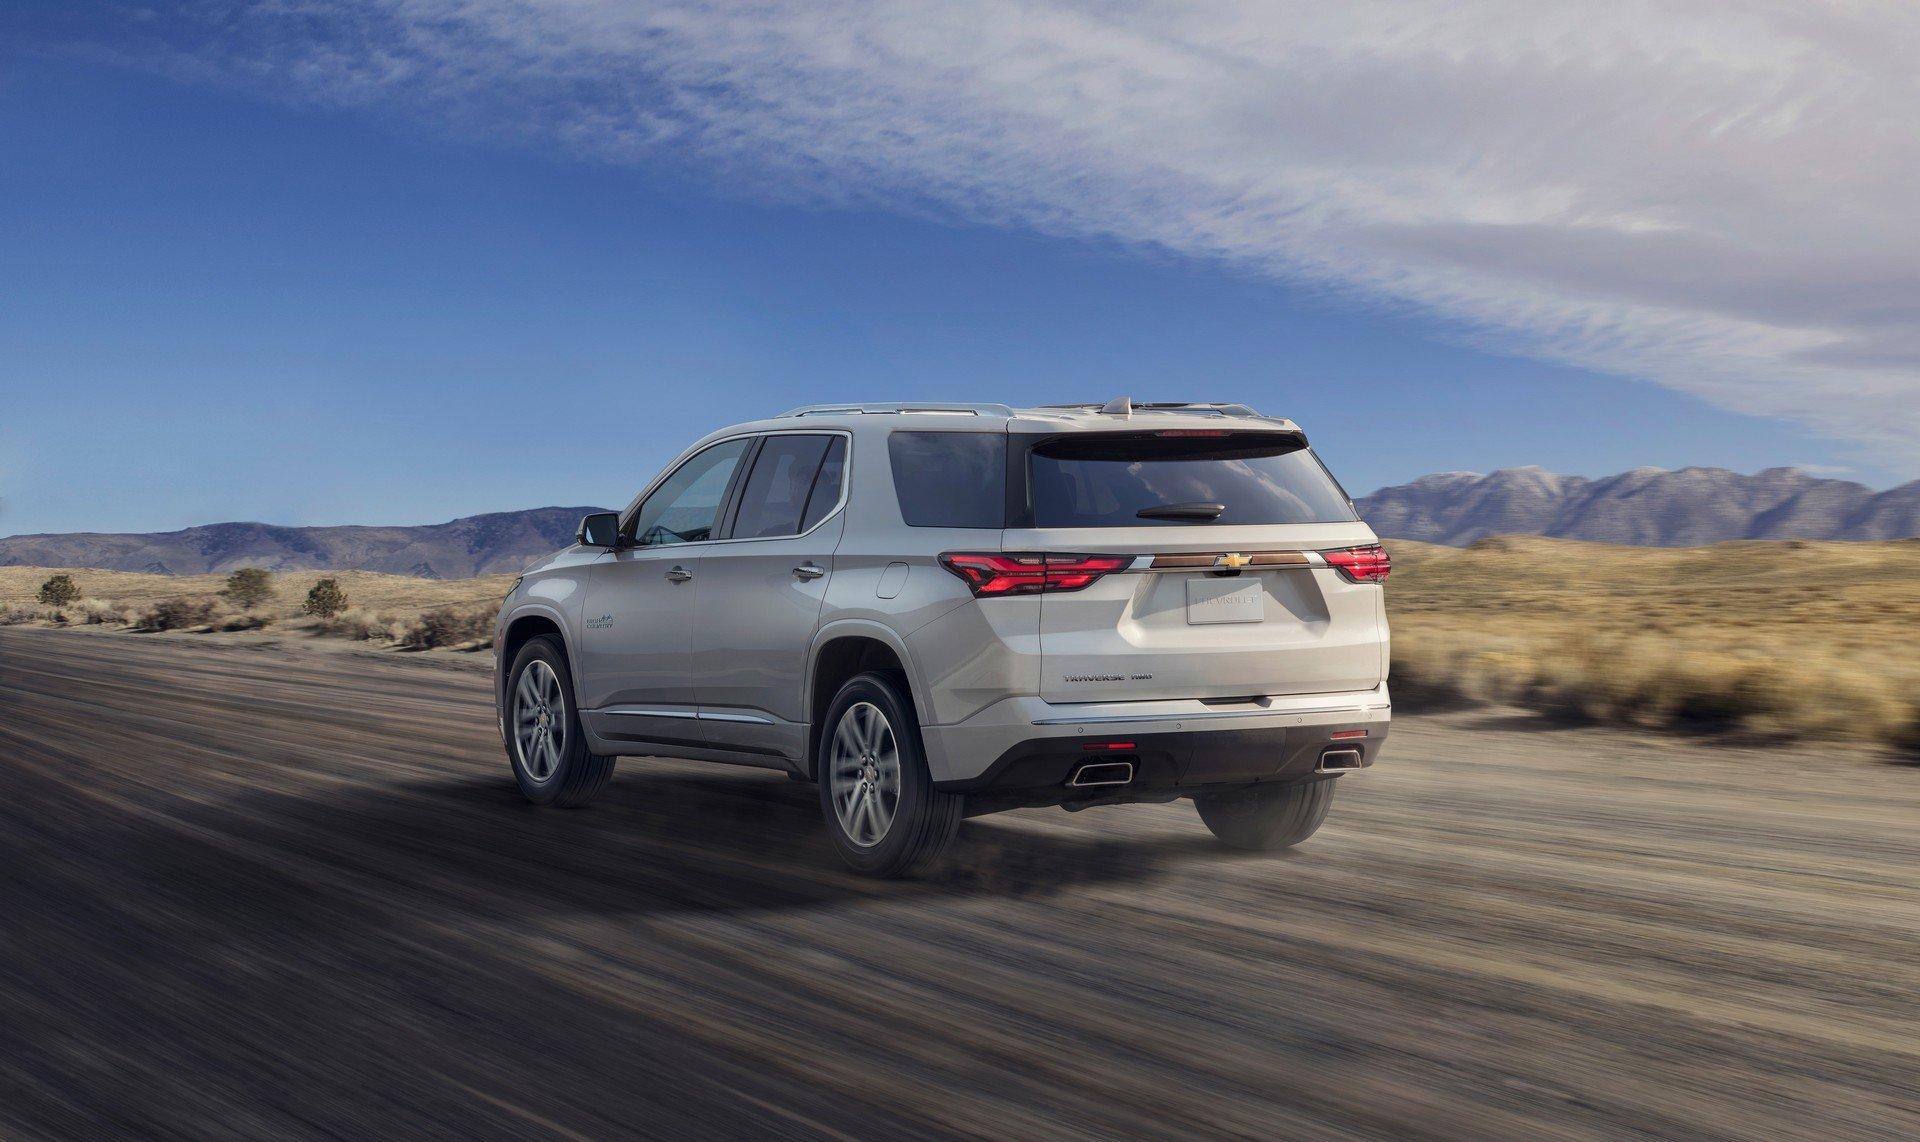 Обновленный кроссовер Chevrolet Traverse появится в 2021 году